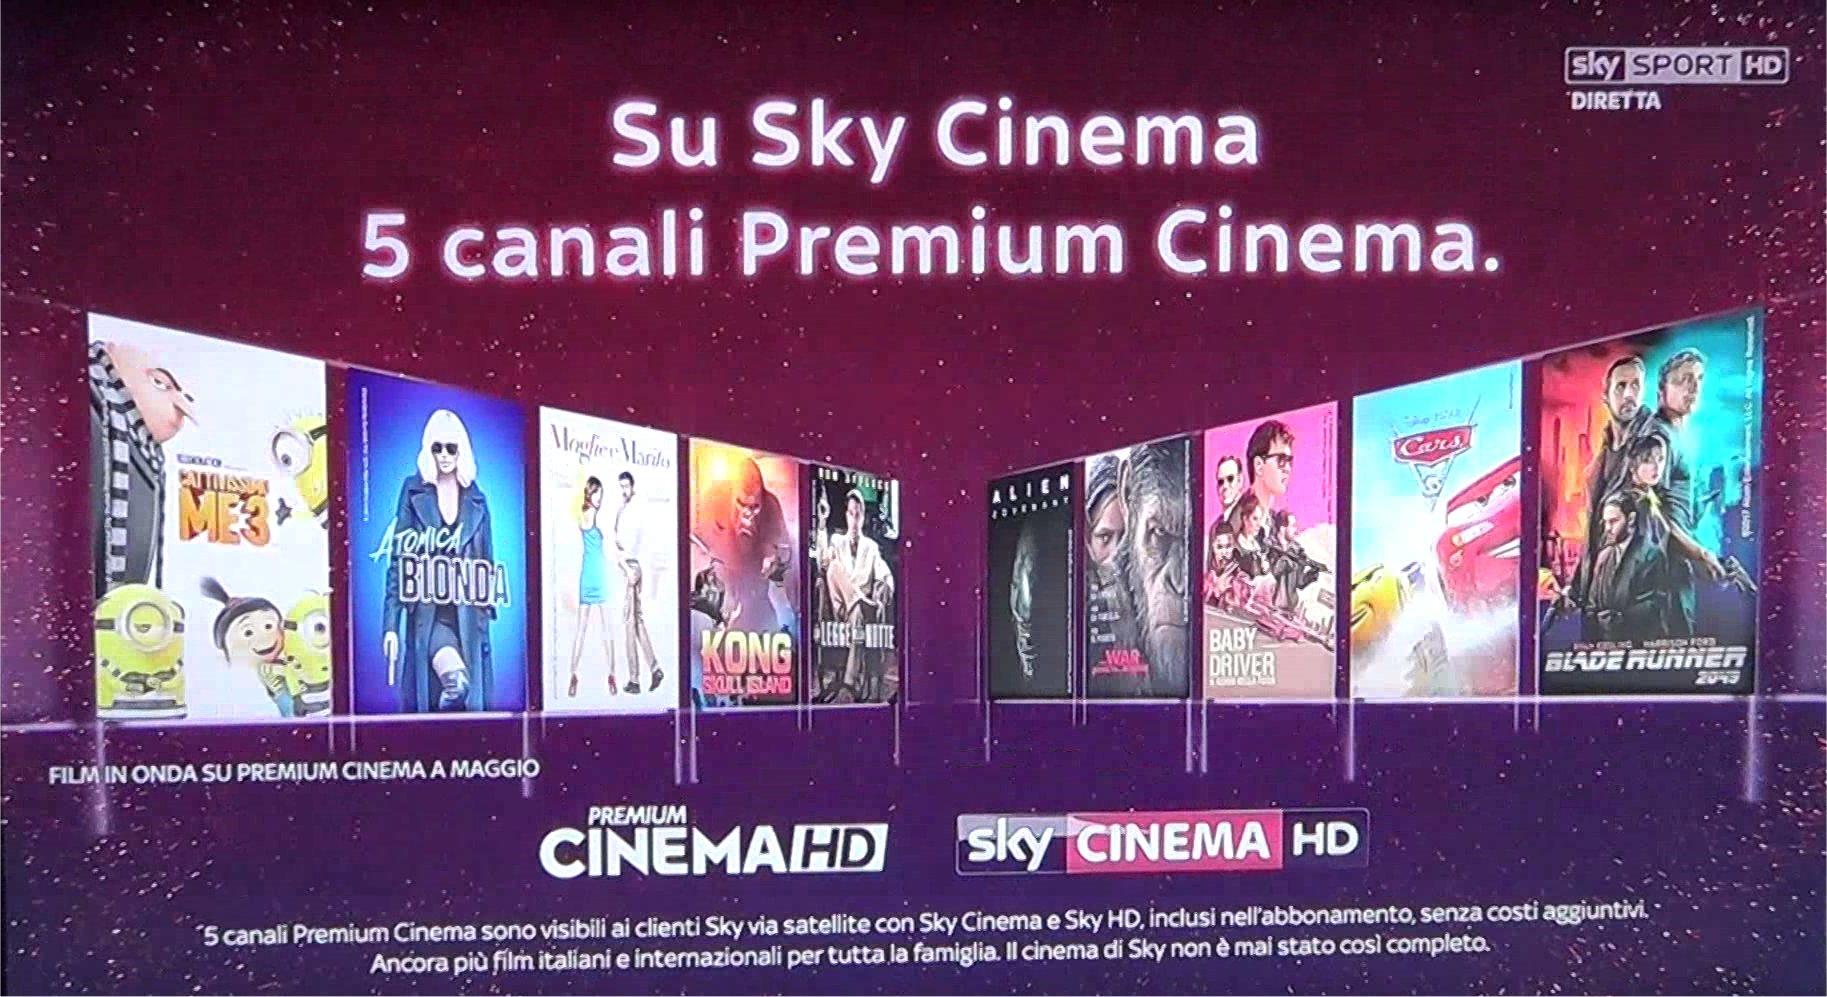 Dal 27 Aprile su Sky arrivano 5 canali Premium Cinema senza costi aggiuntivi